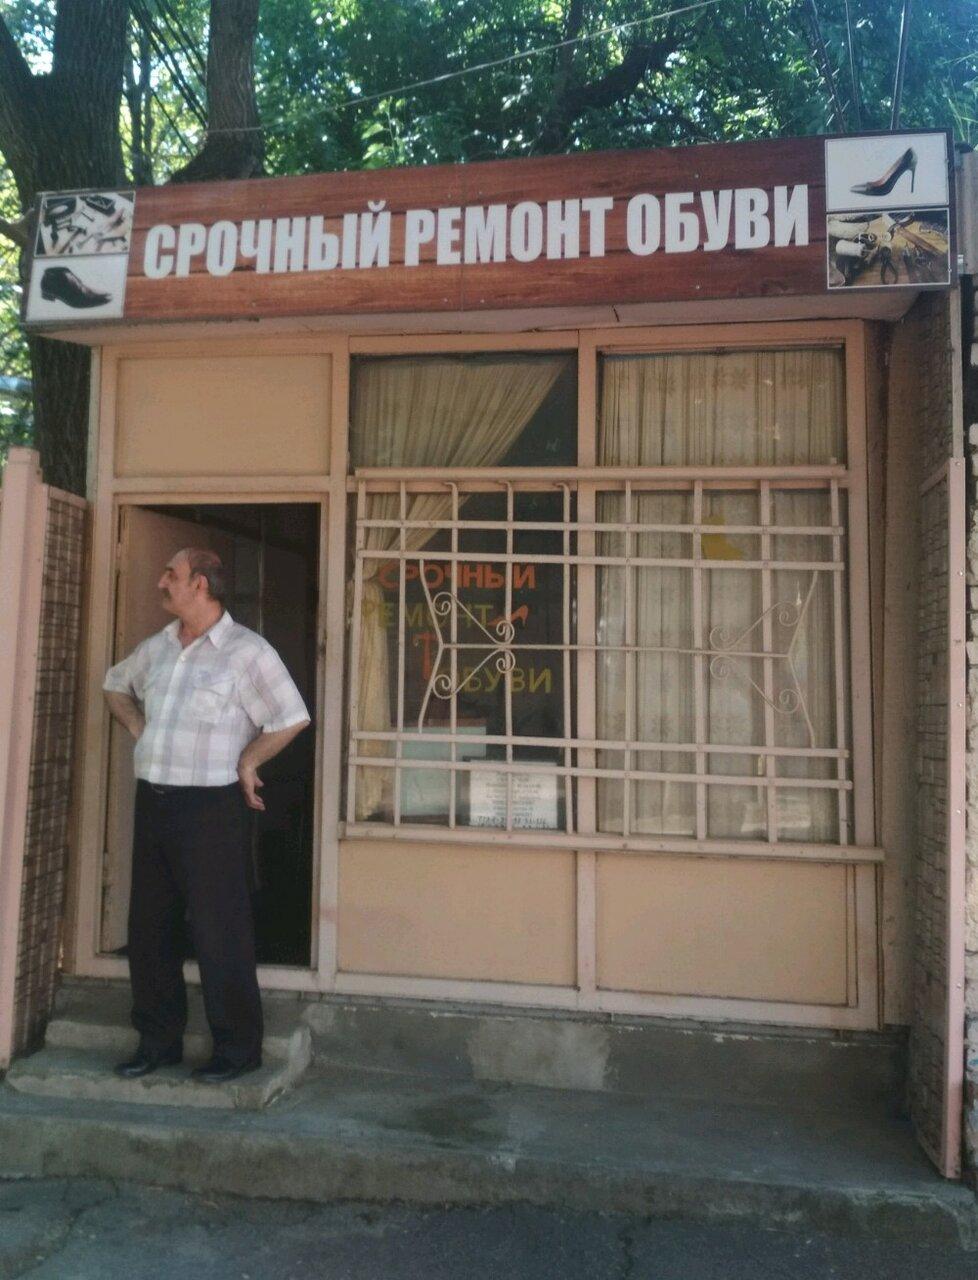 Мэр Краснодара пообещал обеспечить сапожника дядю Гришу земельным участком